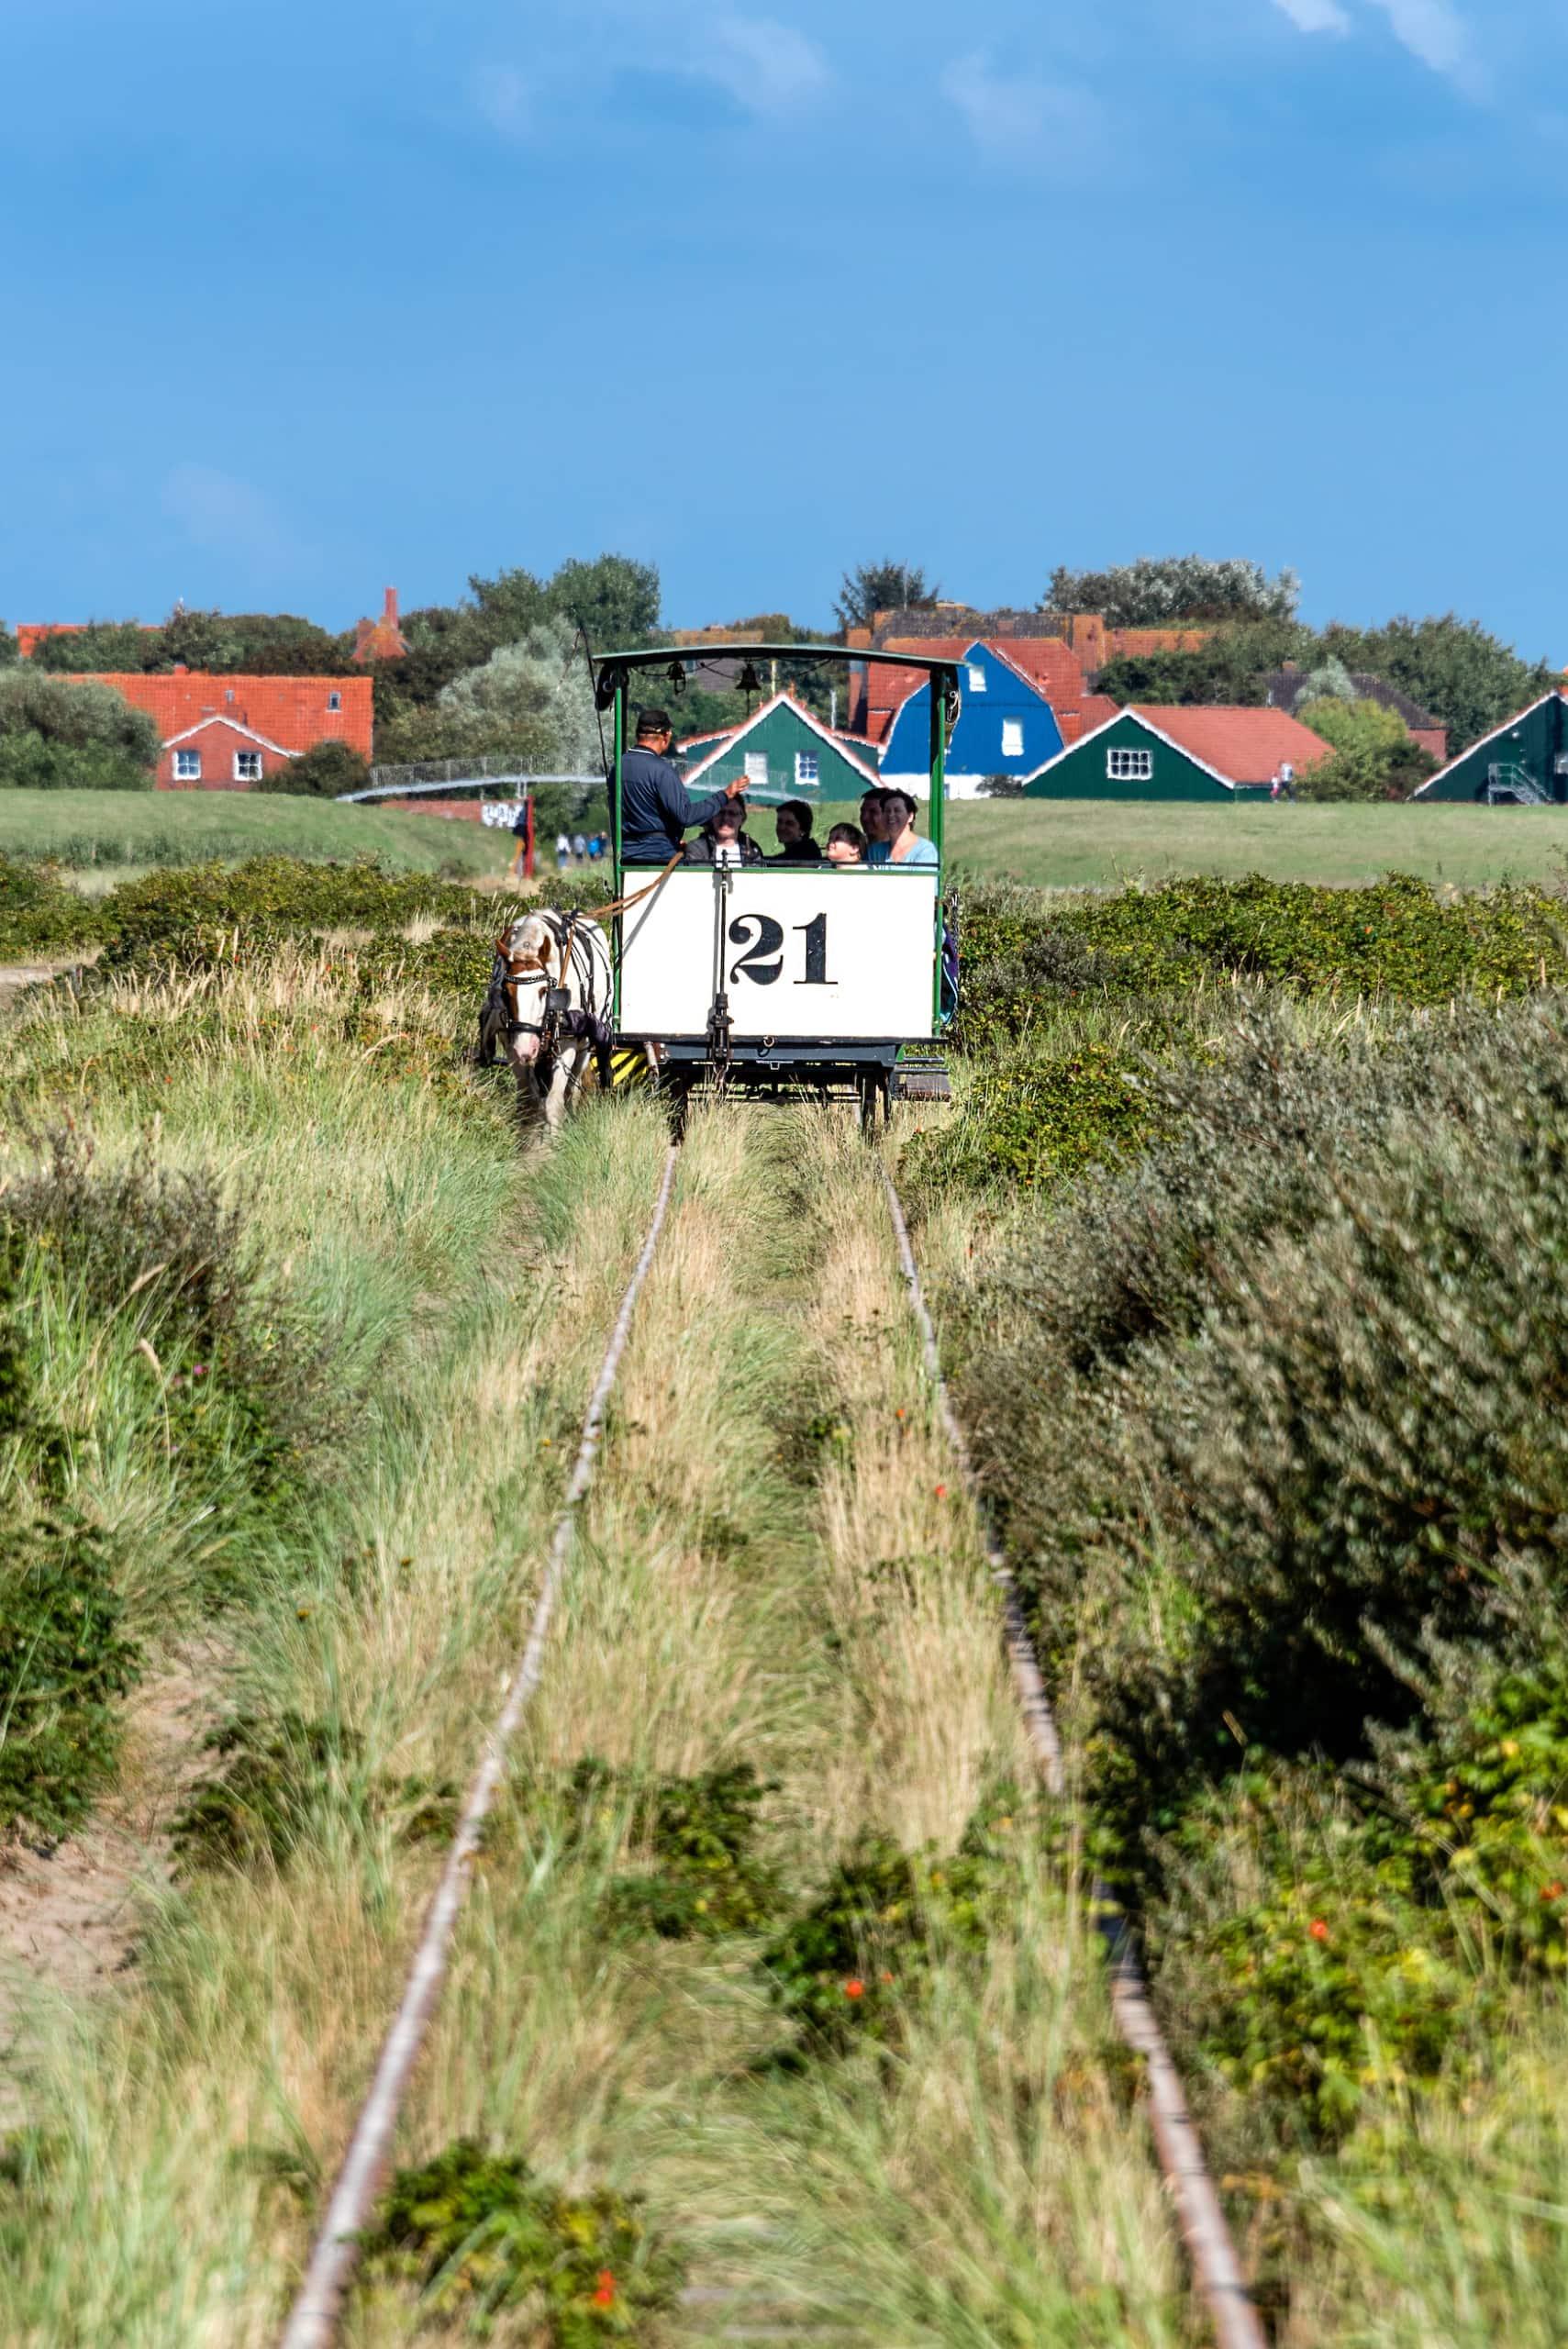 Traditionelle Pferdebahn auf Insel in der deutschen Nordsee